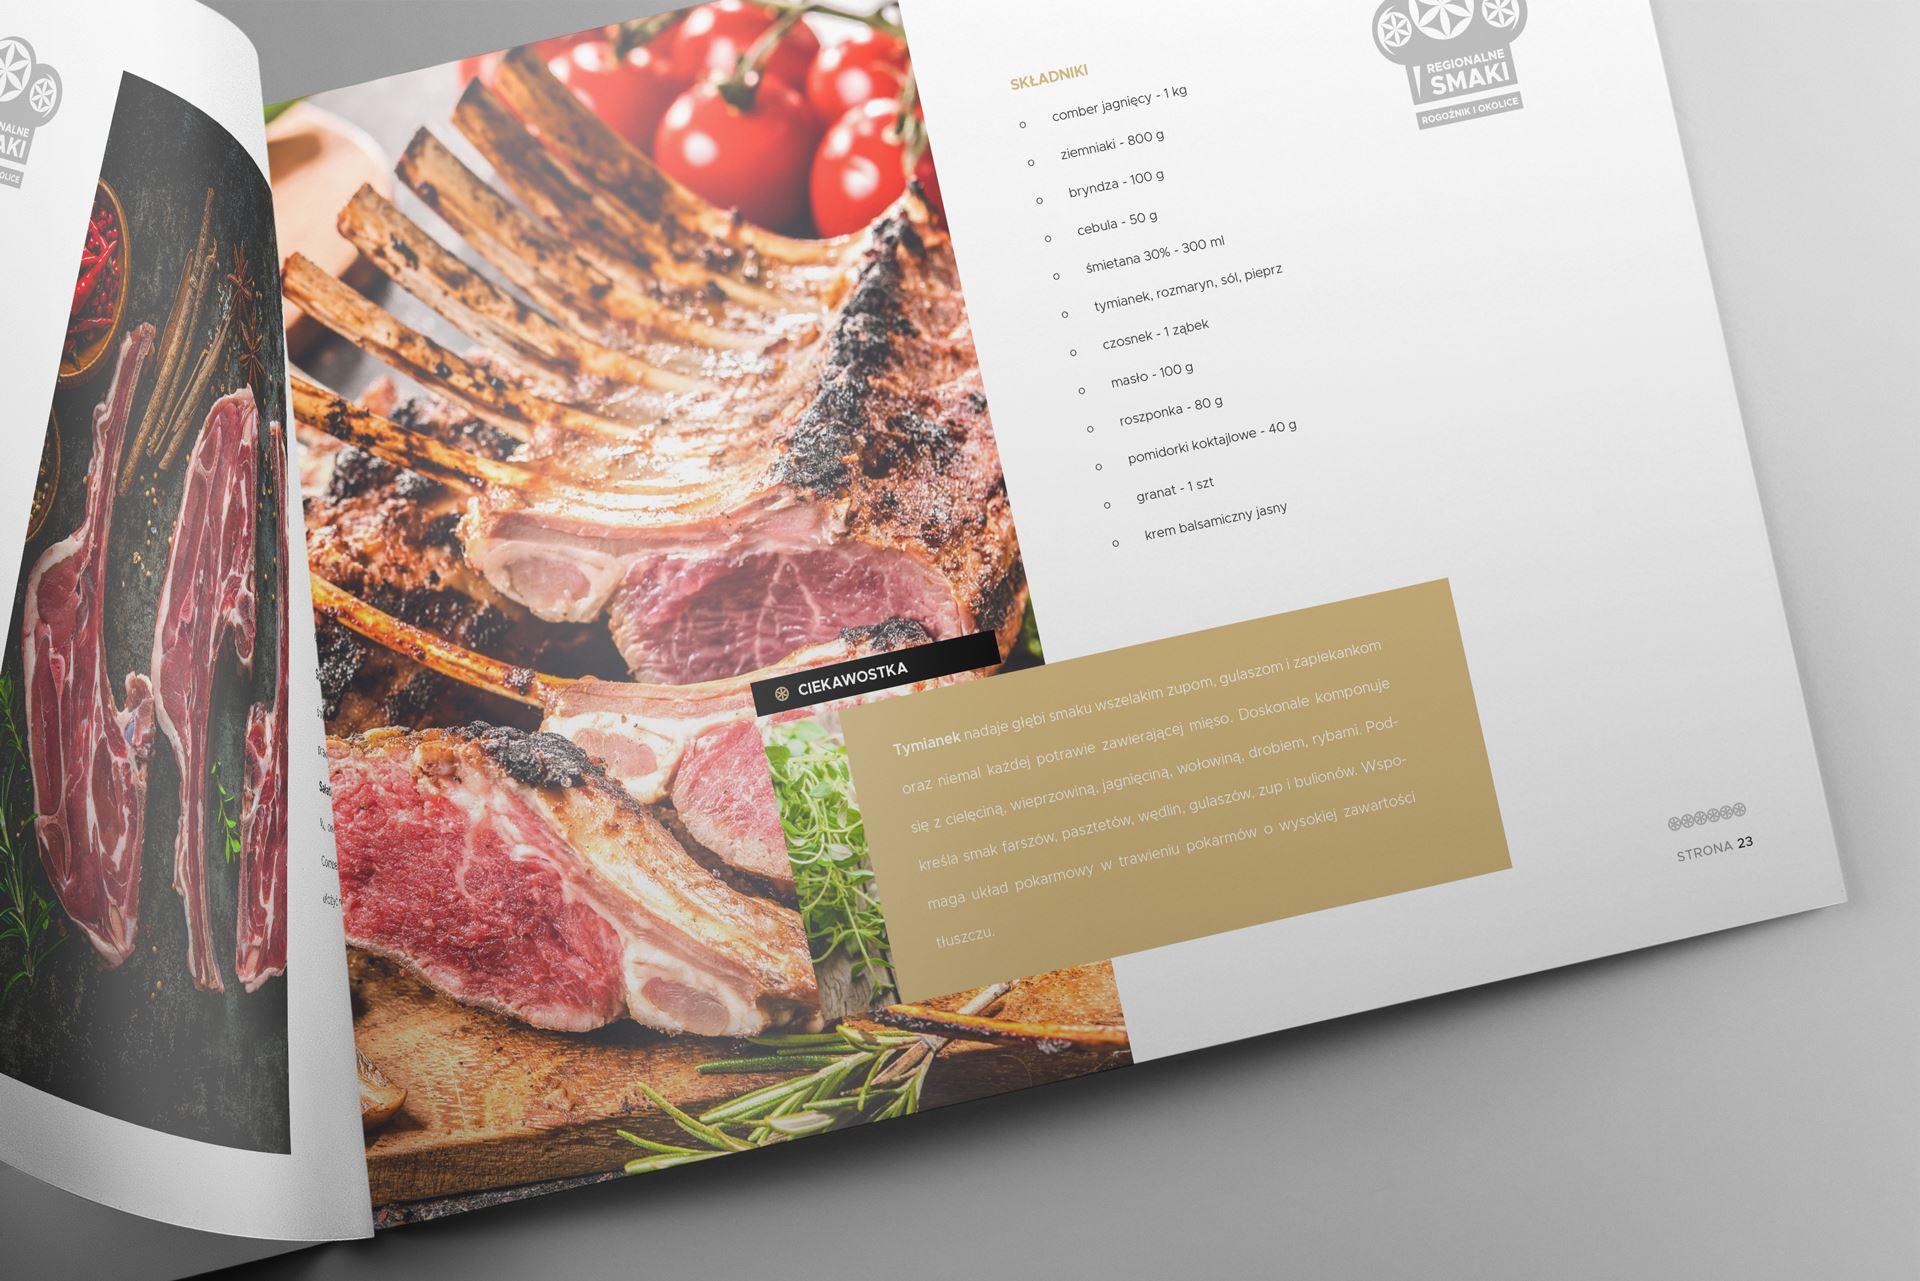 Regionalne smaki 14 landscape brochure mockup